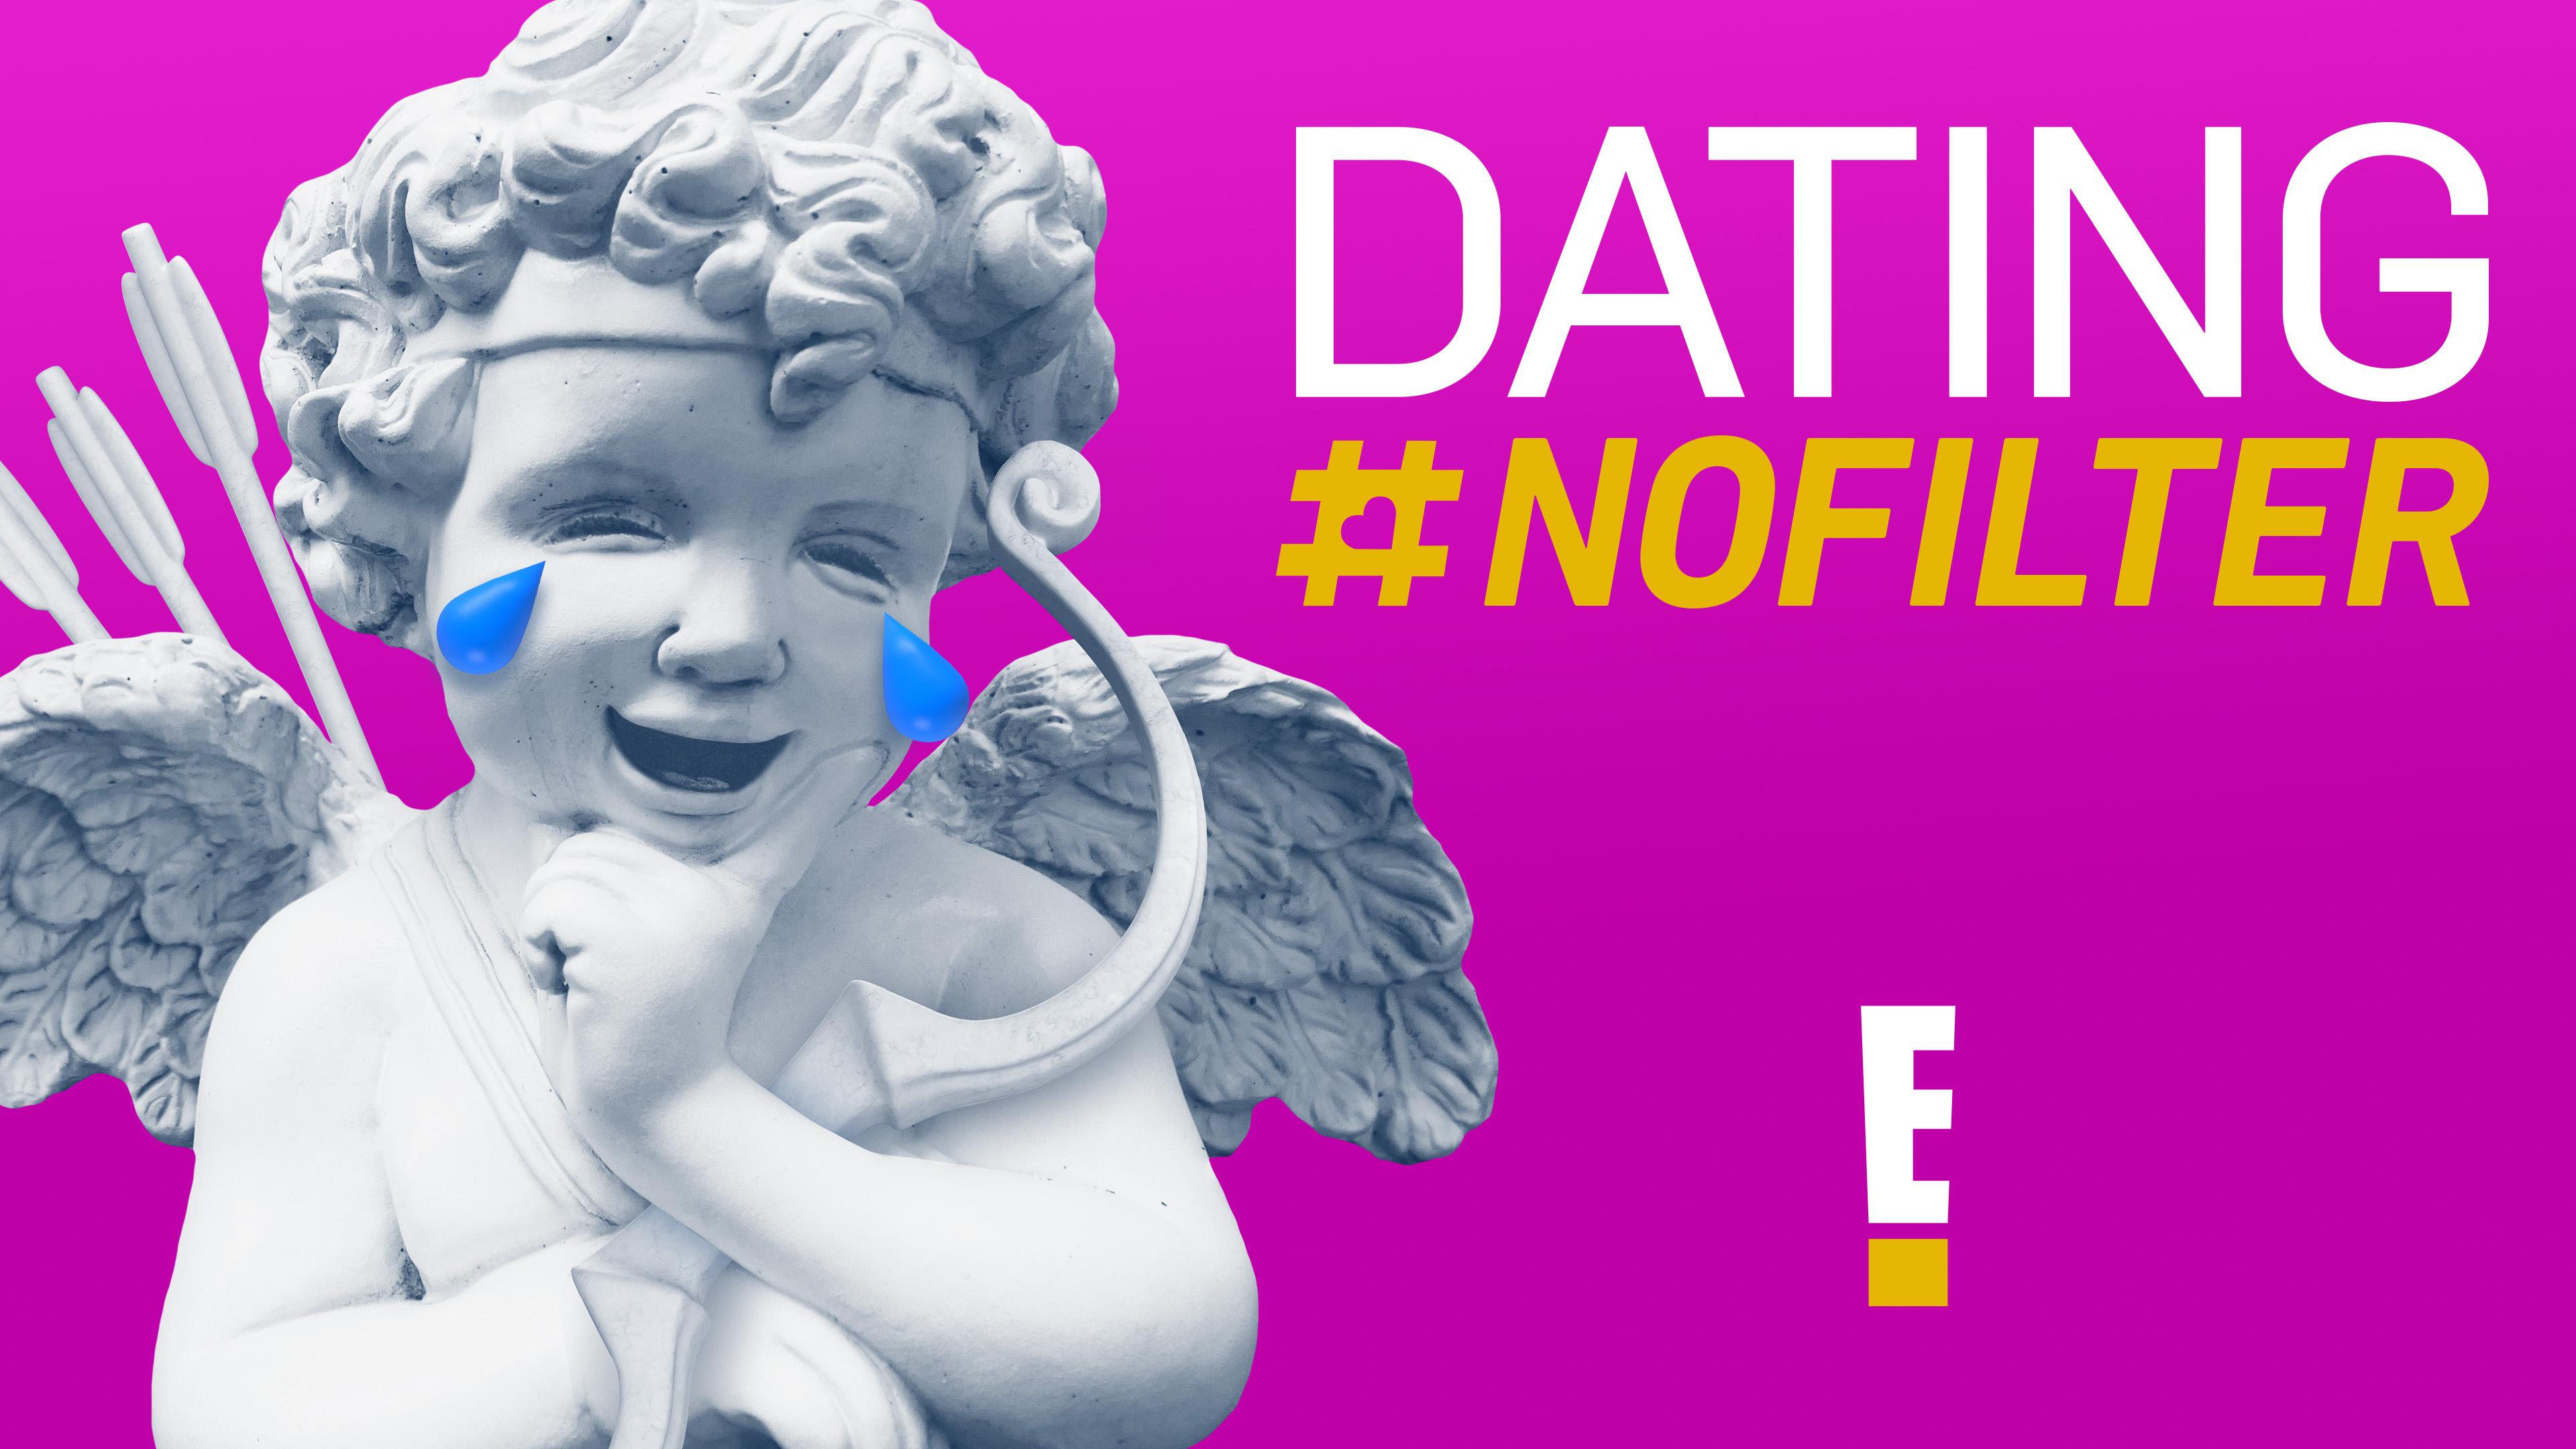 E! DatingNoFilter S2